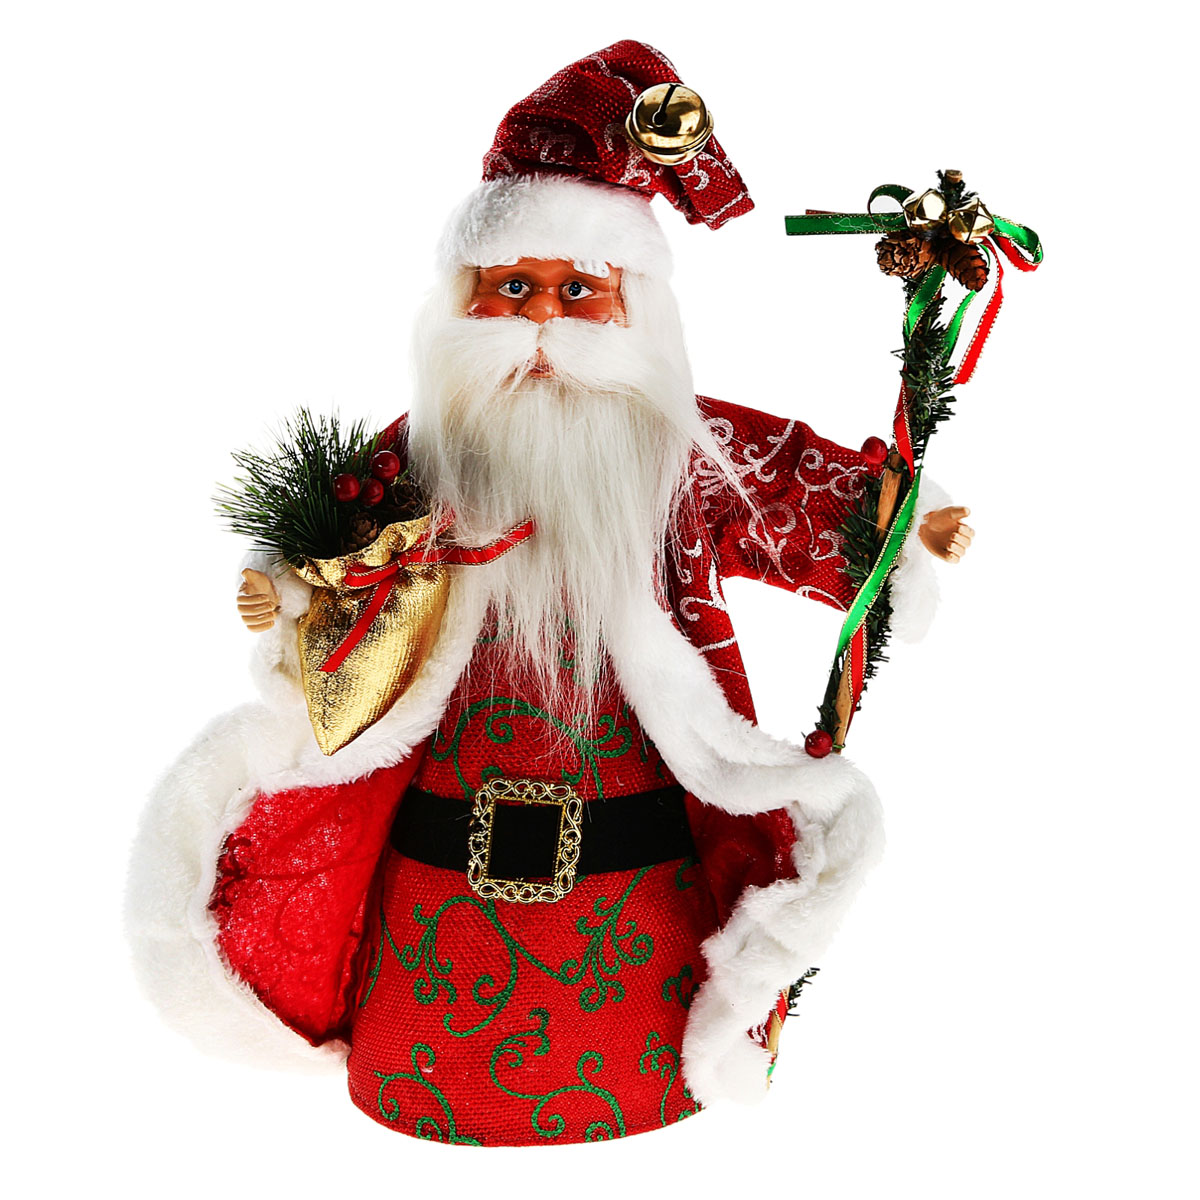 """Новогодняя декоративная фигурка выполнена из высококачественного пластика в виде Деда Мороза. Дед Мороз одет в шубу с опушкой и декорированную люрексом и орнаментом. На голове колпак в цвет шубы с бубенцом. В одной руке Дед Мороз держит мешок с сосновыми ветками и шишками, а в другой посох. Его добрый вид и очаровательная улыбка притягивают к себе восторженные взгляды. Декоративная фигурка """"Дед Мороз"""" подойдет для оформления новогоднего интерьера и принесет с собой атмосферу радости и веселья."""